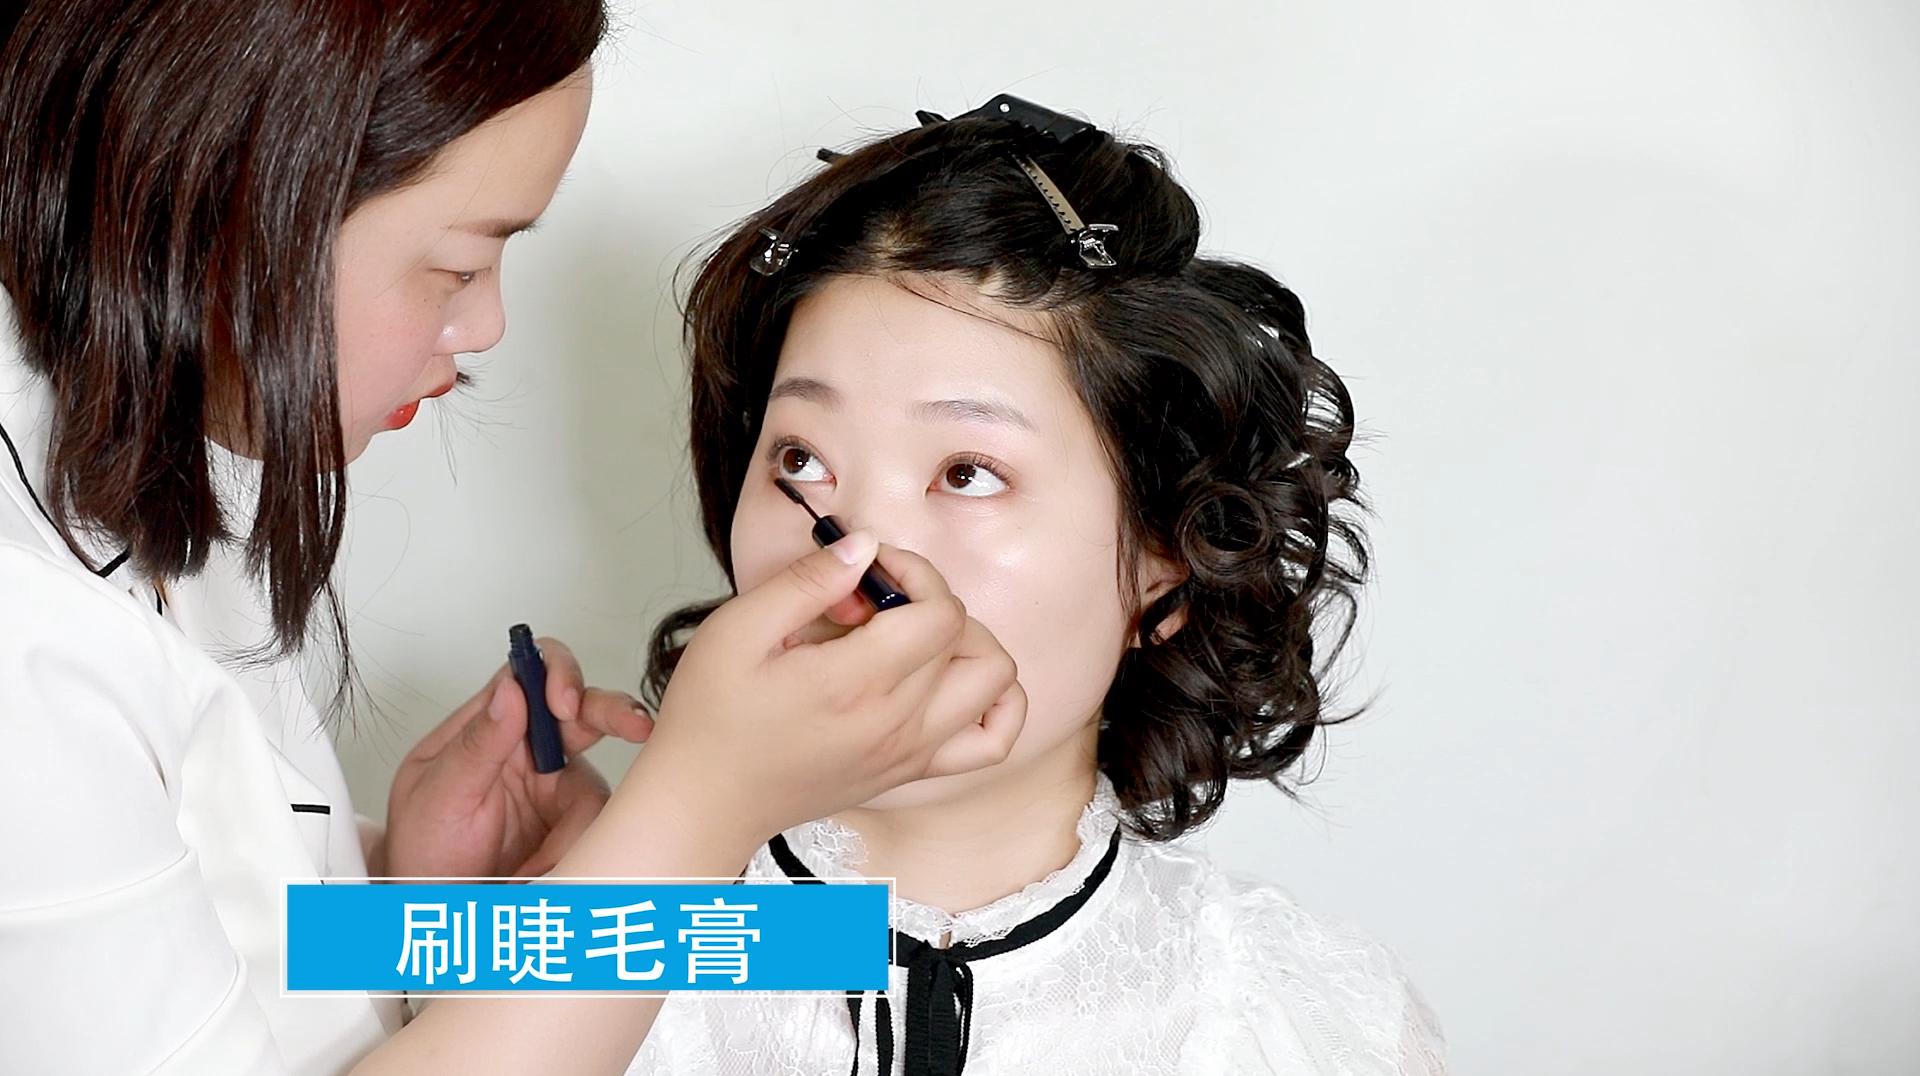 刷睫毛膏 北京亚博体育app官方下载苹果版学校